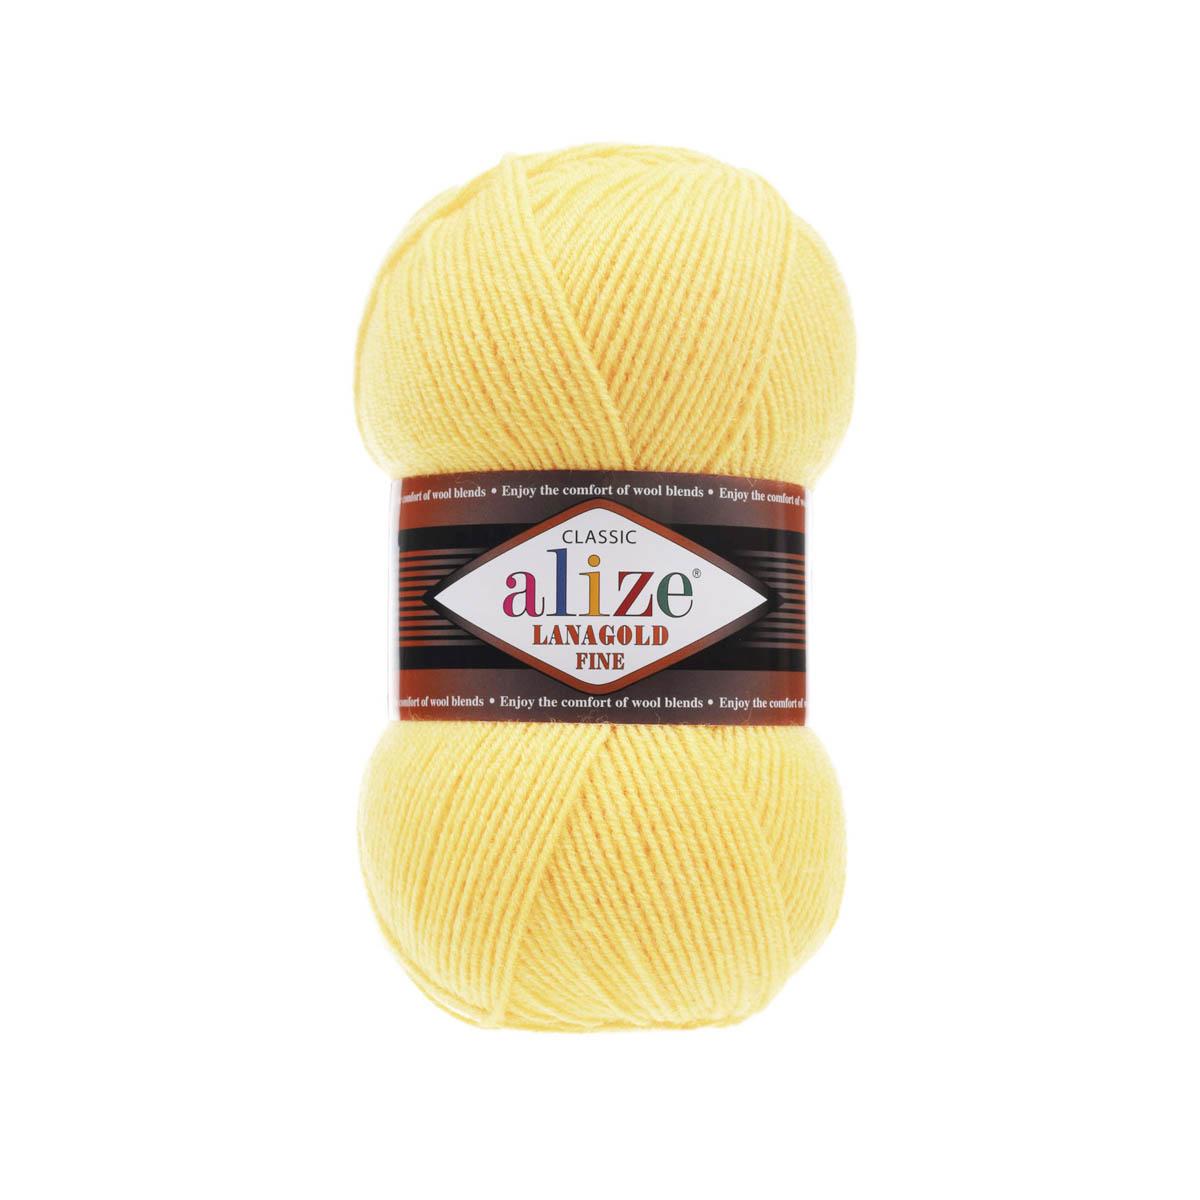 Пряжа ALIZE 'Lanagold fine' 100 гр. 390м (49%шерсть, 51% акрил) (187 светлый лимон) фото